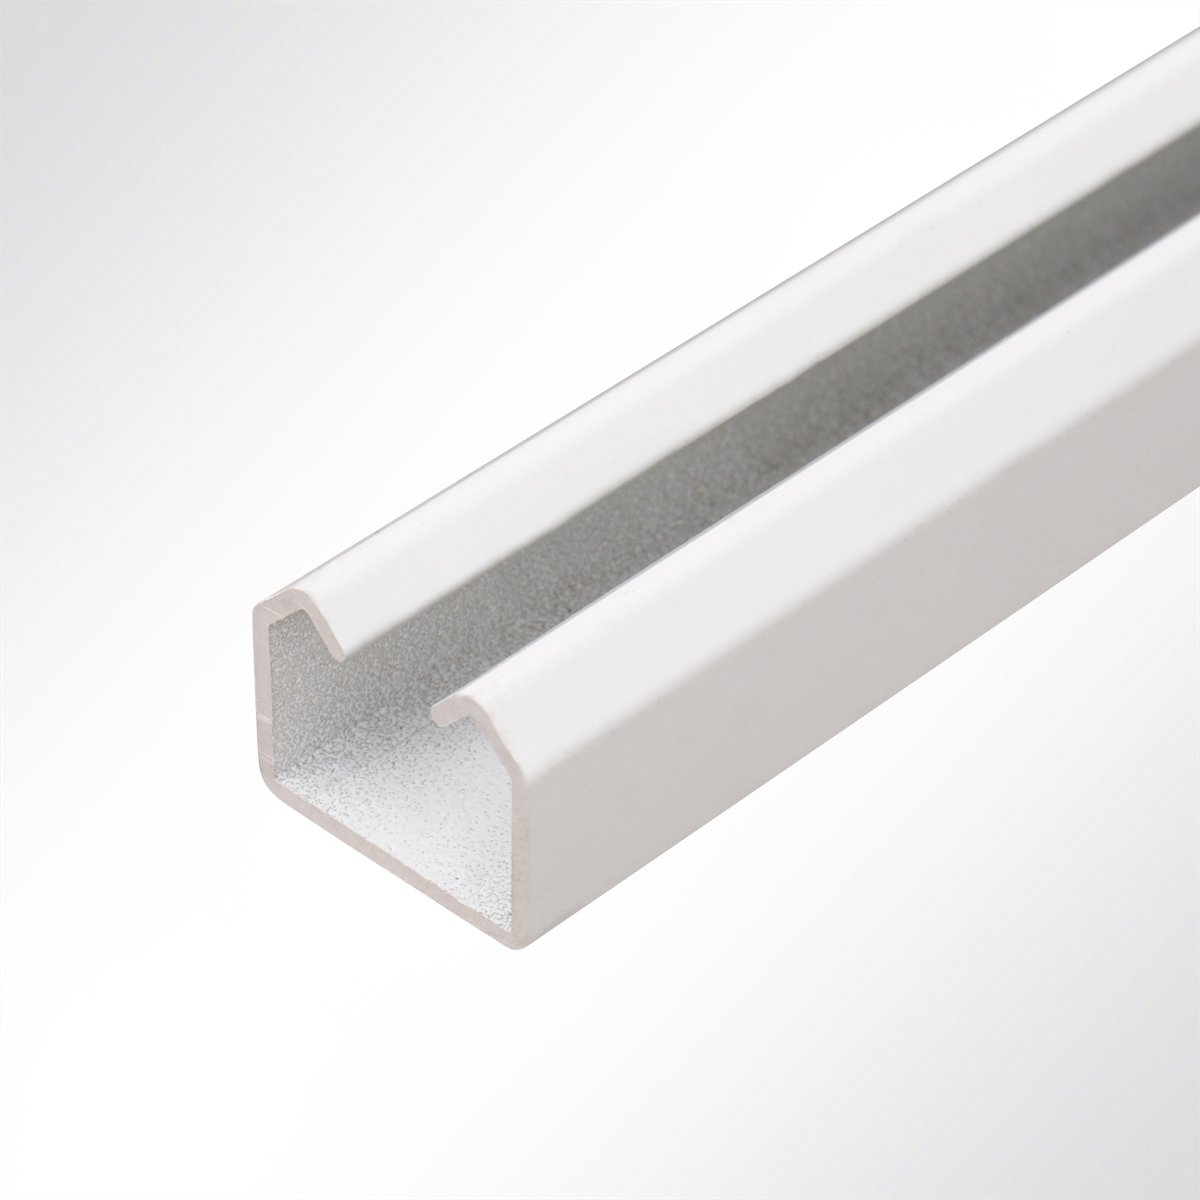 LYSEL Laufschiene Aluminium wei/ß 25x19 Schiebetor Schiebet/ür Hallent/ür 2 Meter